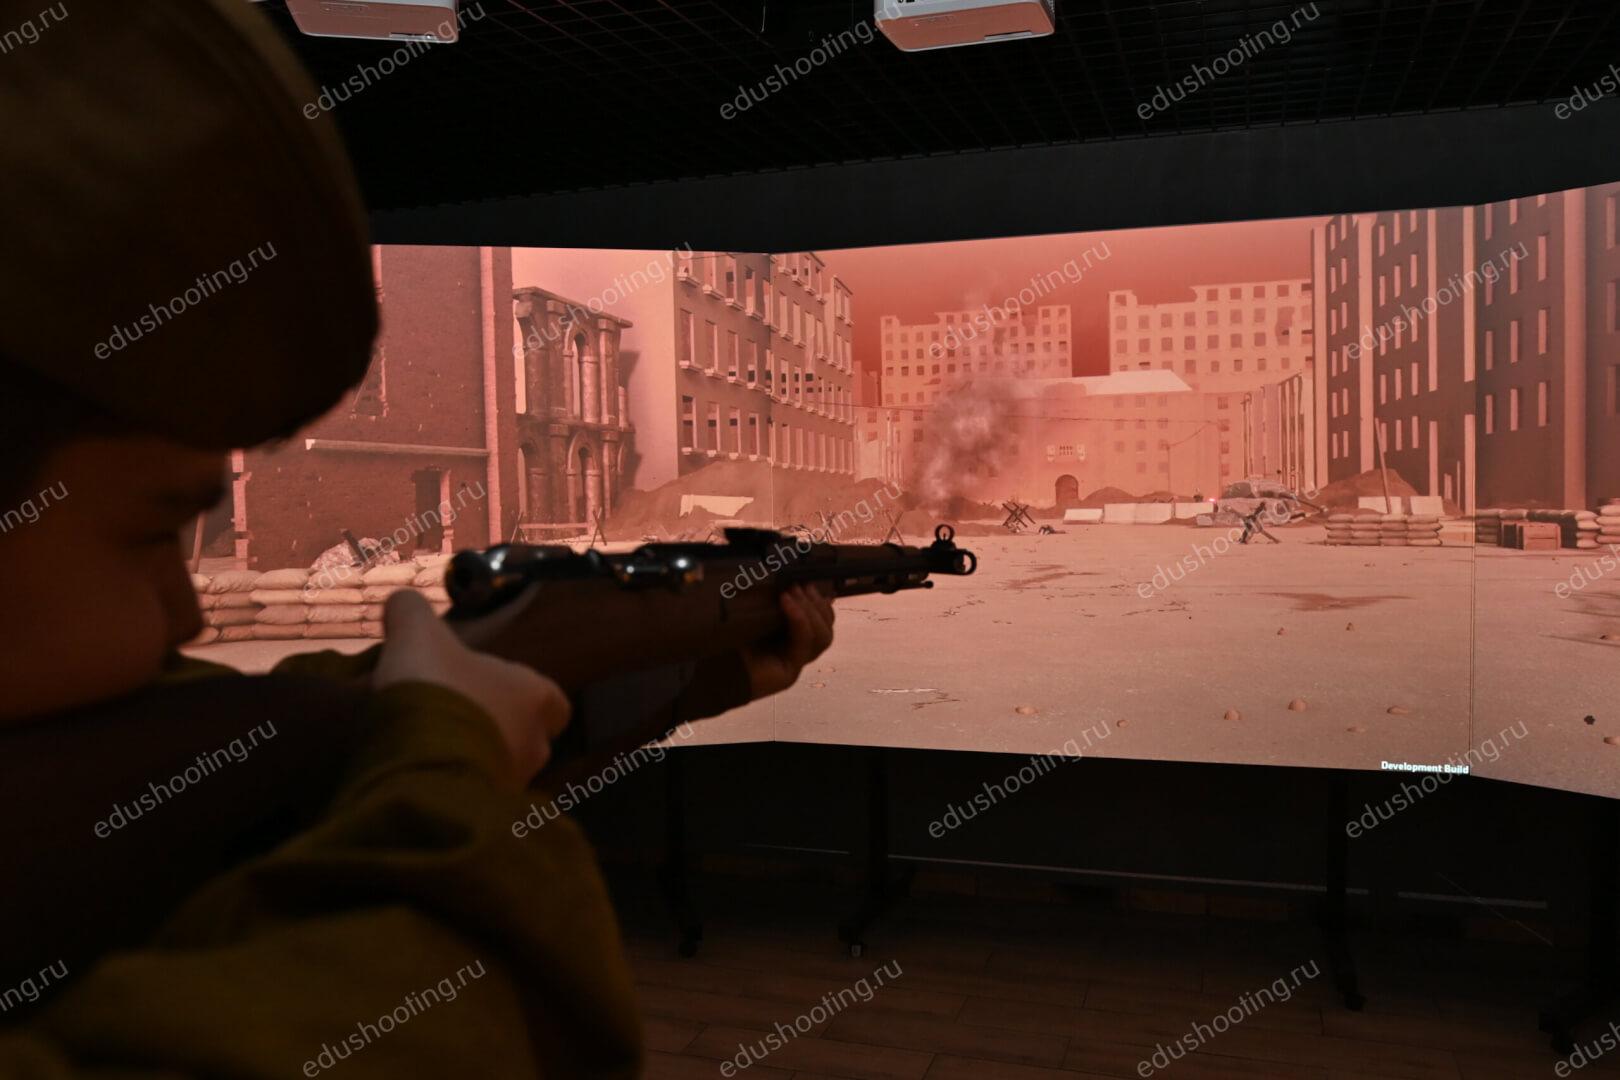 Прицельная стрельба в панорамном тире